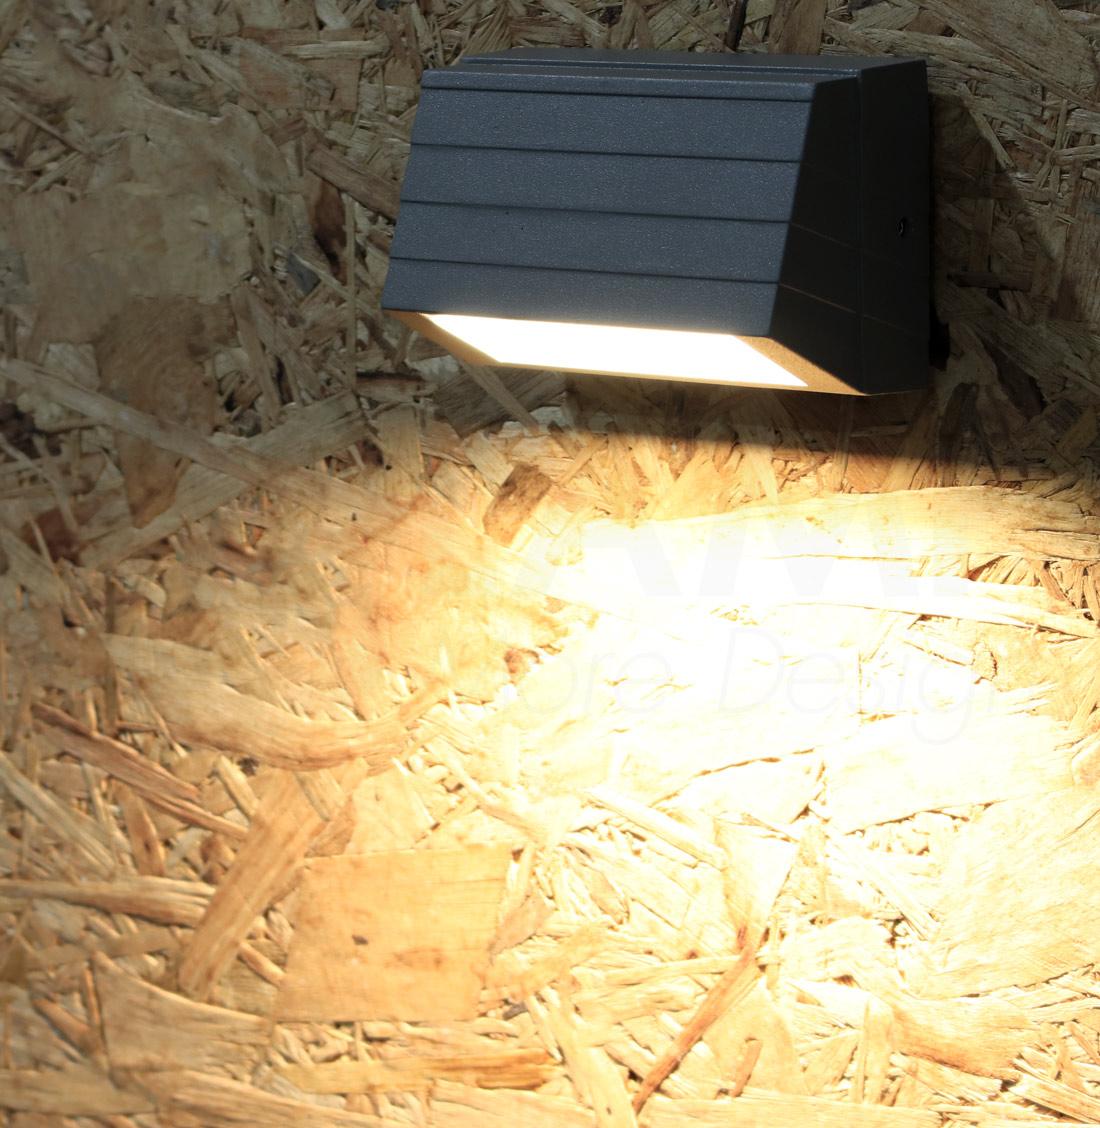 โคมไฟผนัง โคมไฟหัวเสา โคมไฟภายนอก โคมไฟโมเดิร์น FLAT-GY